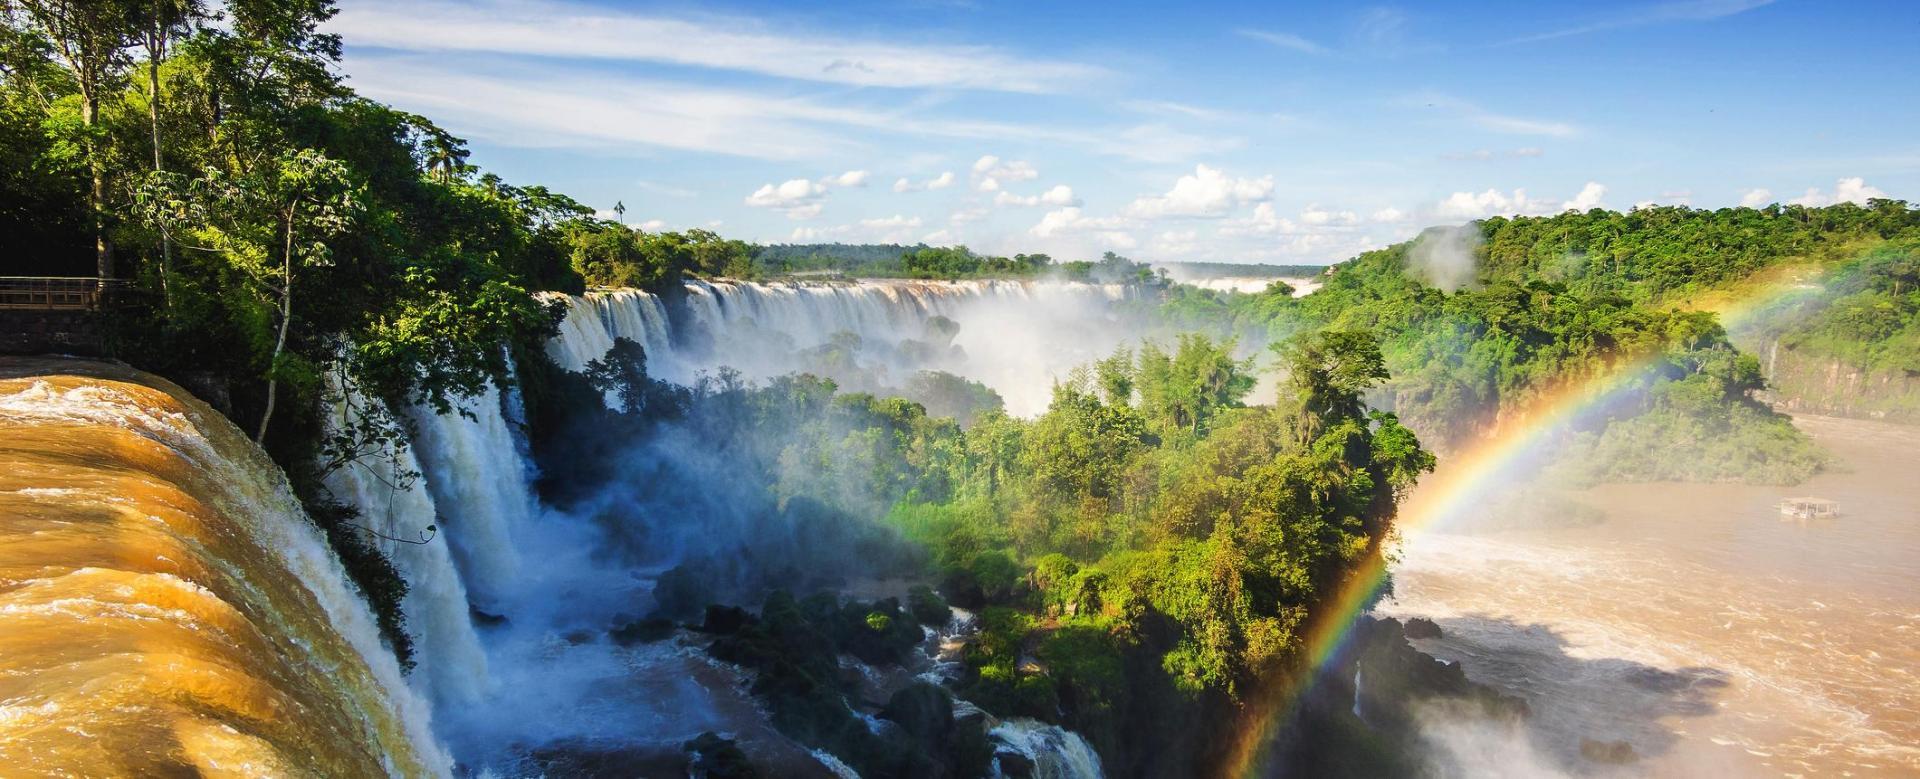 Voyage sur l'eau : Argentine : Terre de feu, patagonie et iguazú